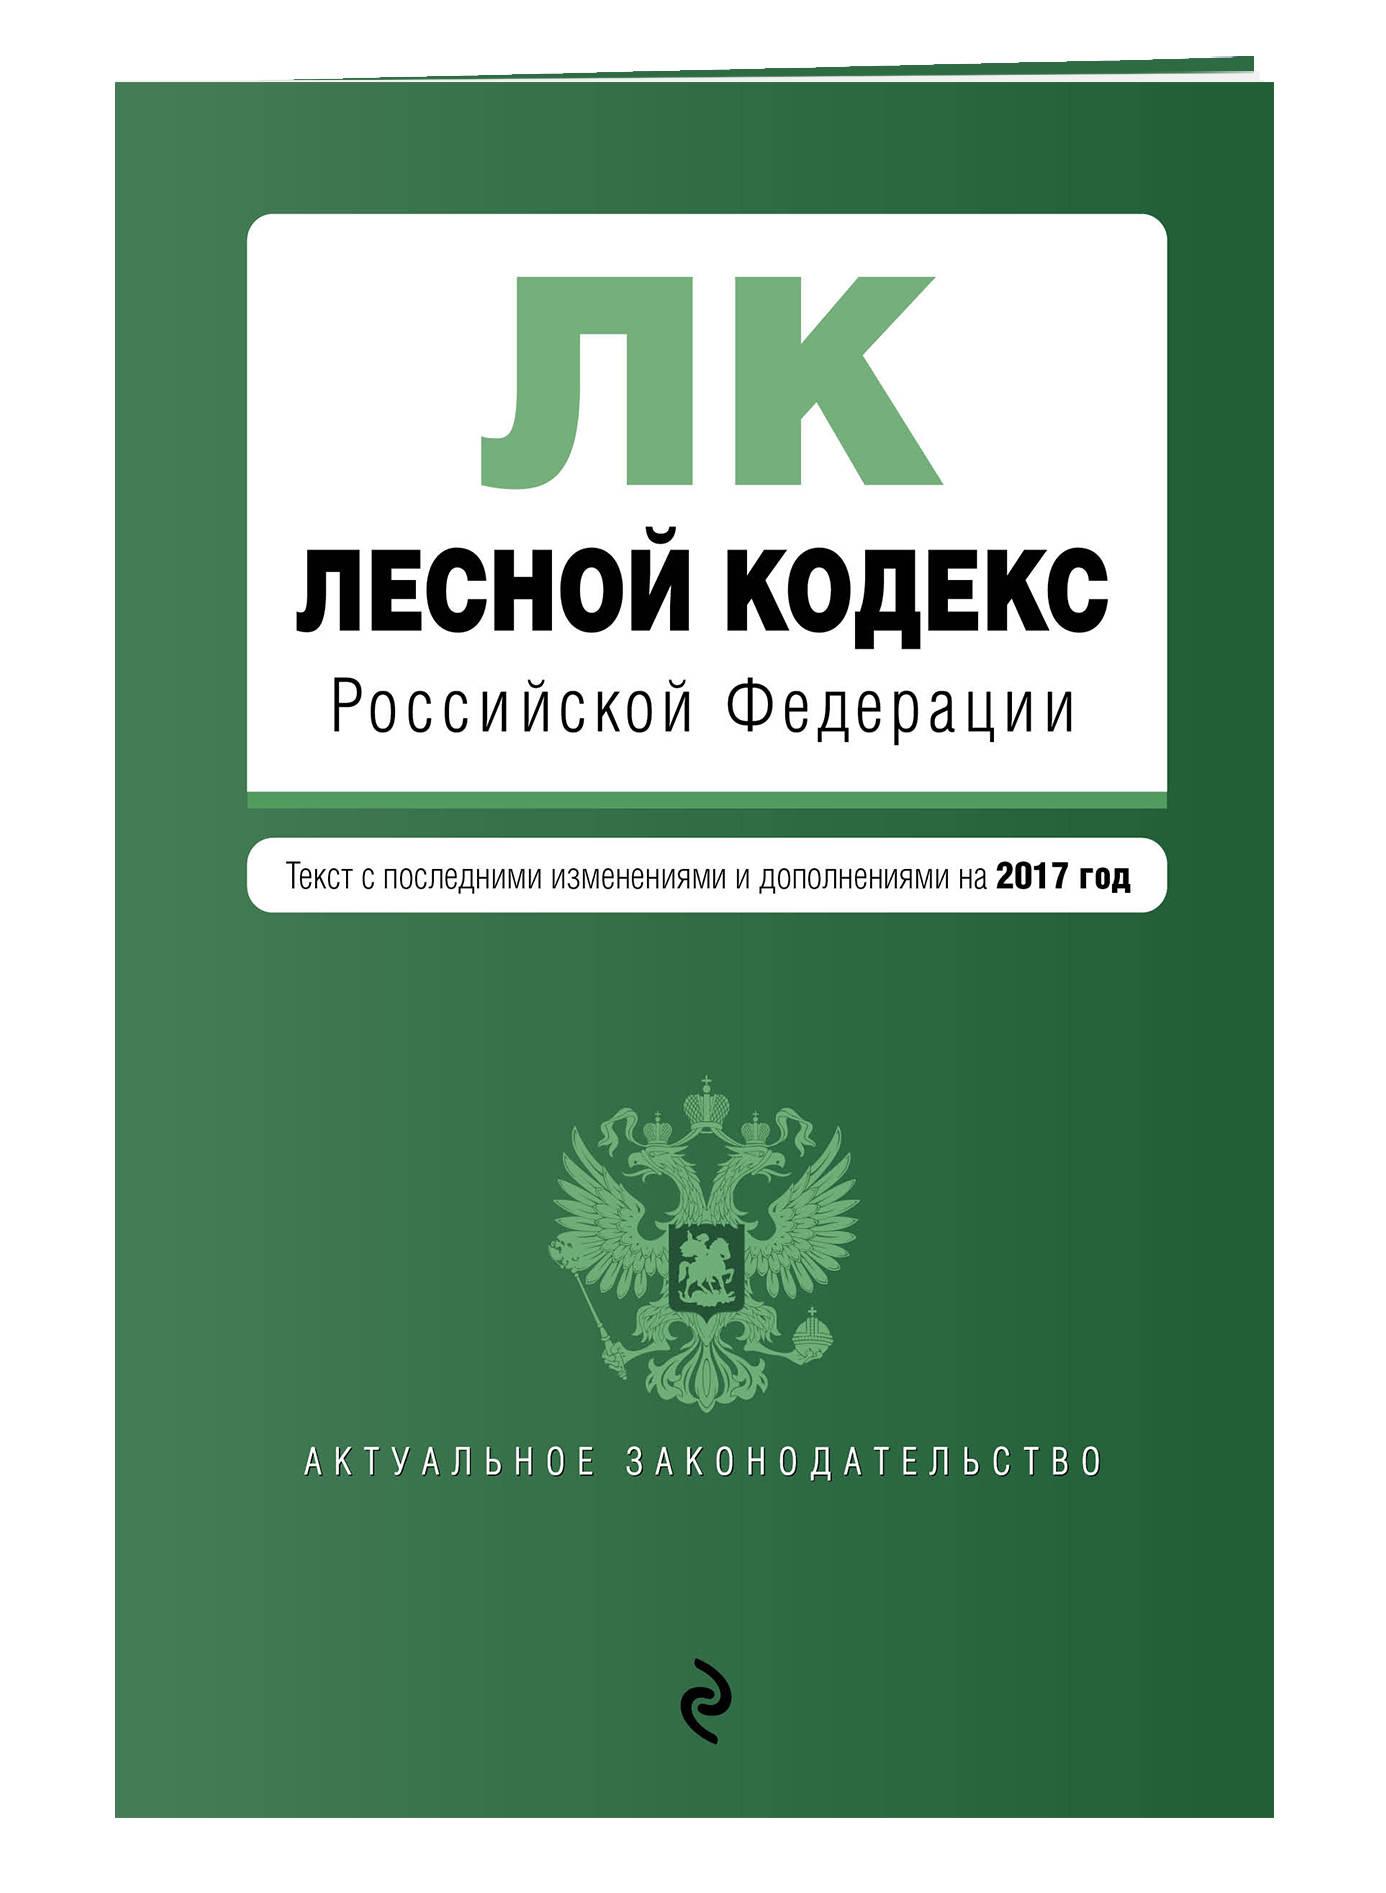 Лесной кодекс Российской Федерации : текст с посл. изменениями на 2017 год